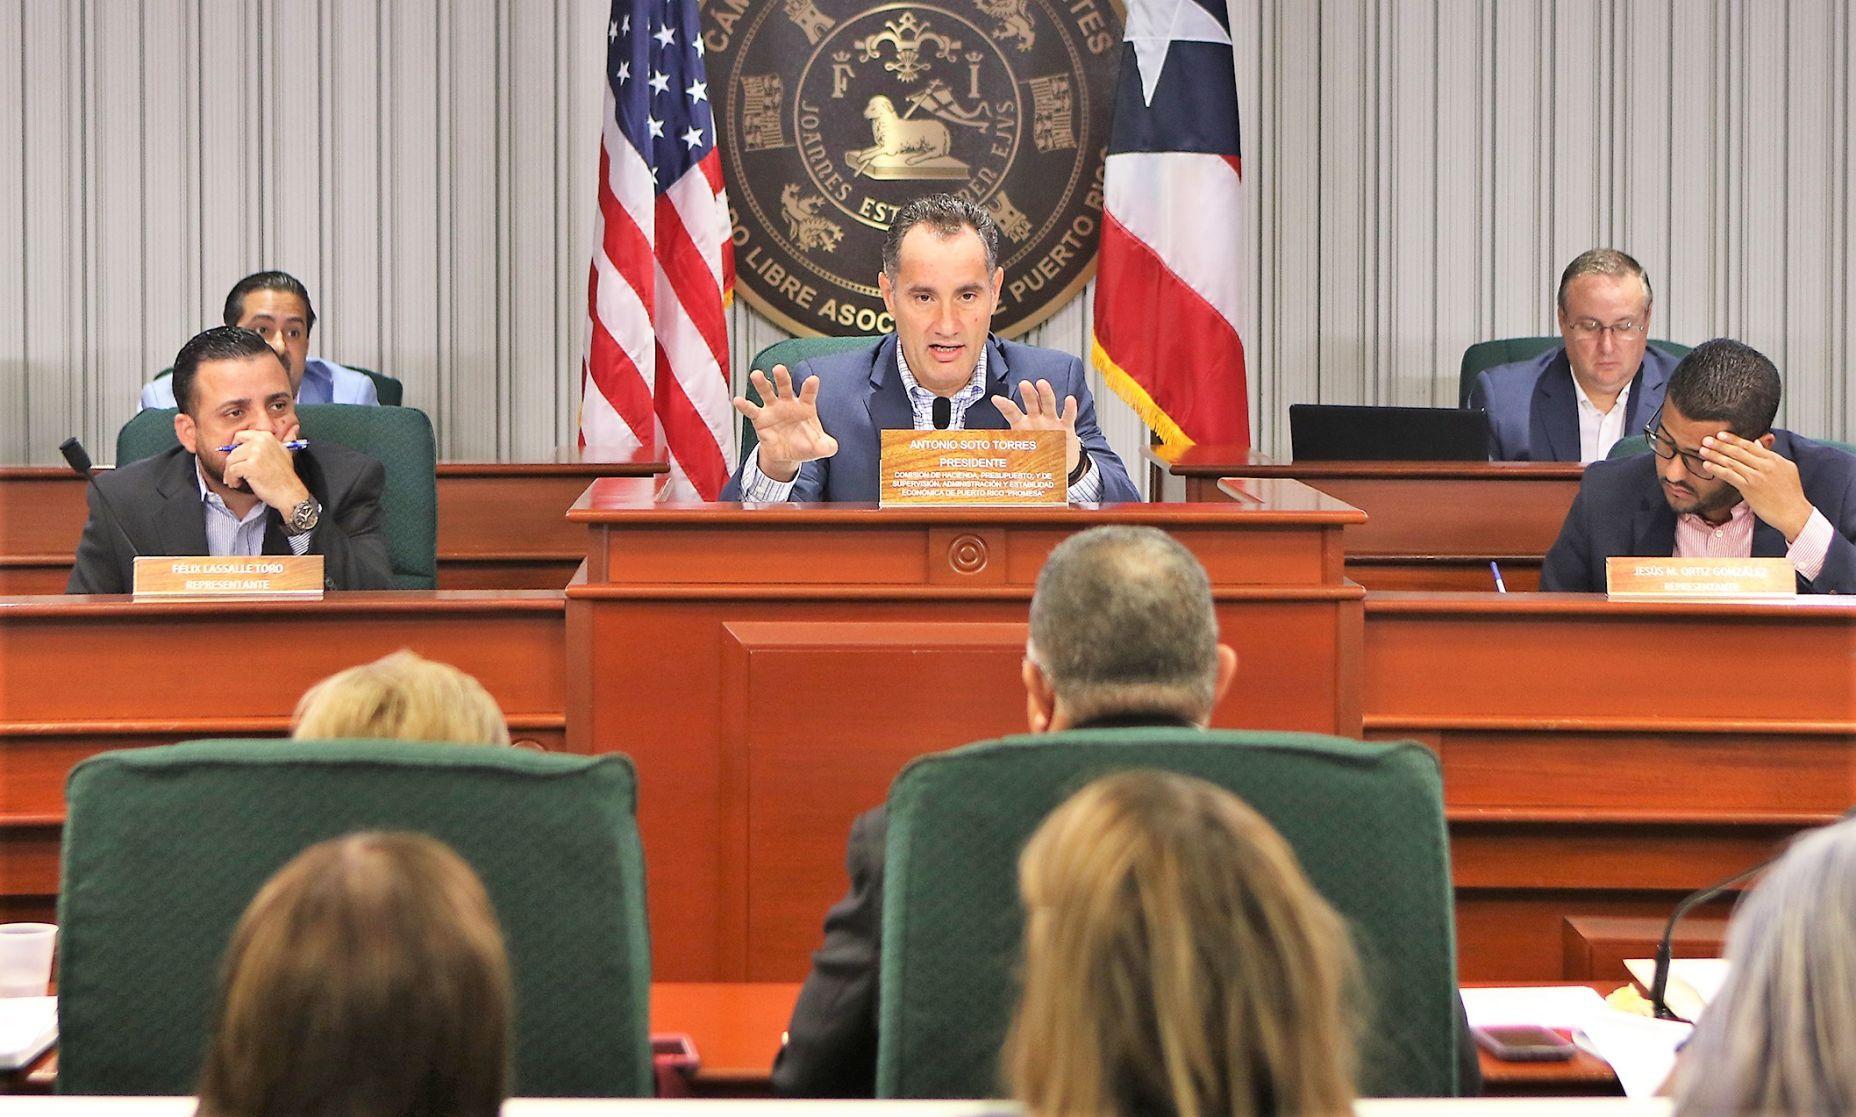 Comisión de Hacienda advierte aprobar presupuesto de Salud conforme Ley Promesa